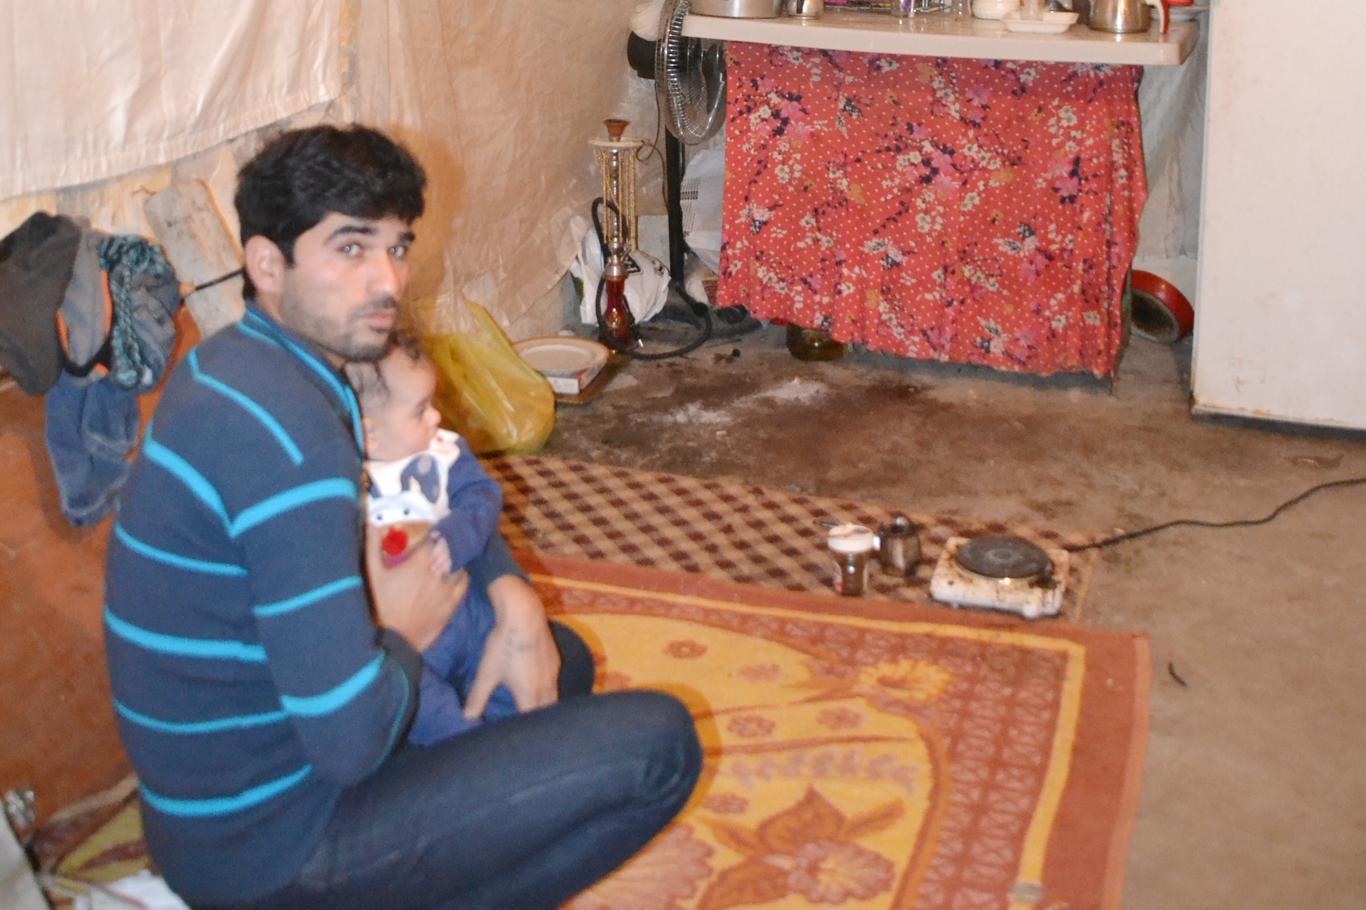 Suriyeli ailenin dramı yürek burkuyor